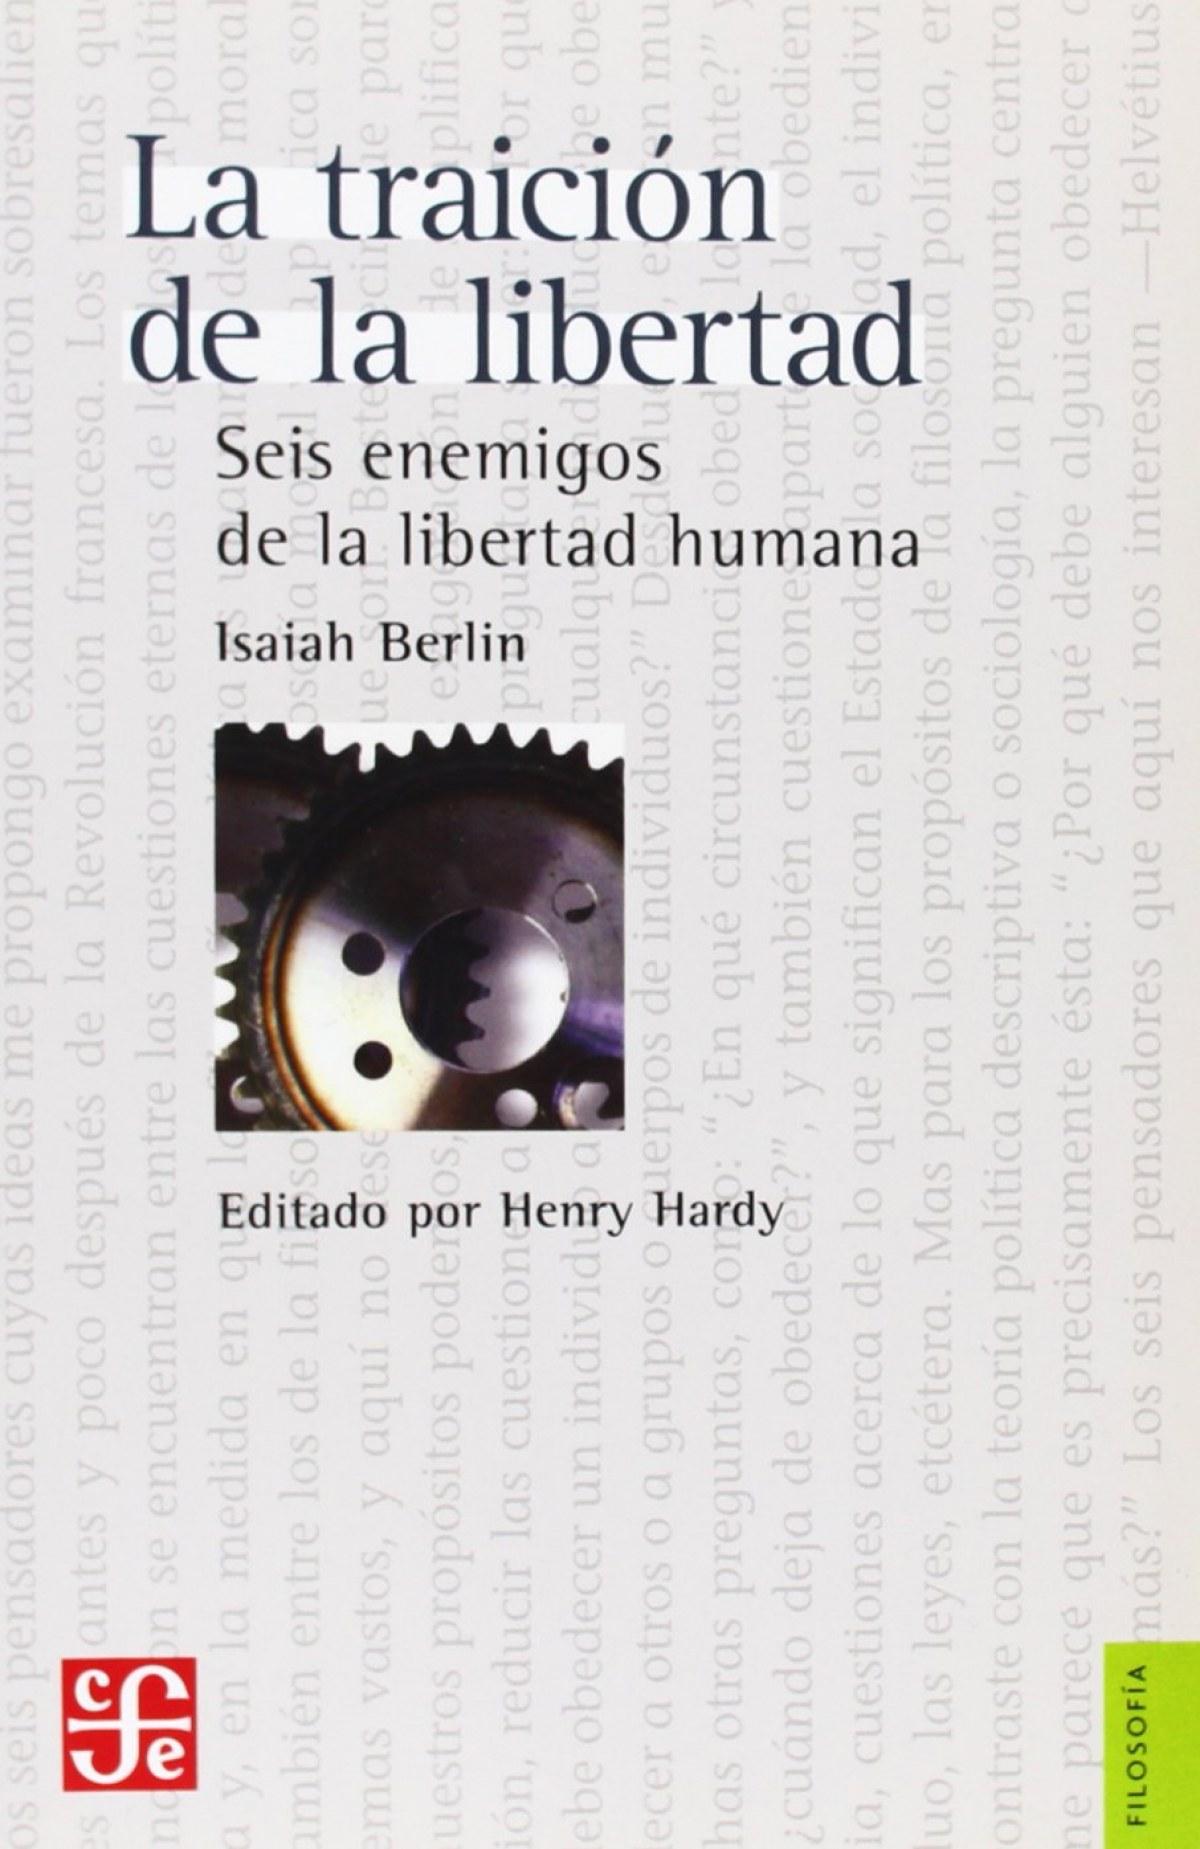 La traición de la libertad : Seis enemigos de la libertad humana